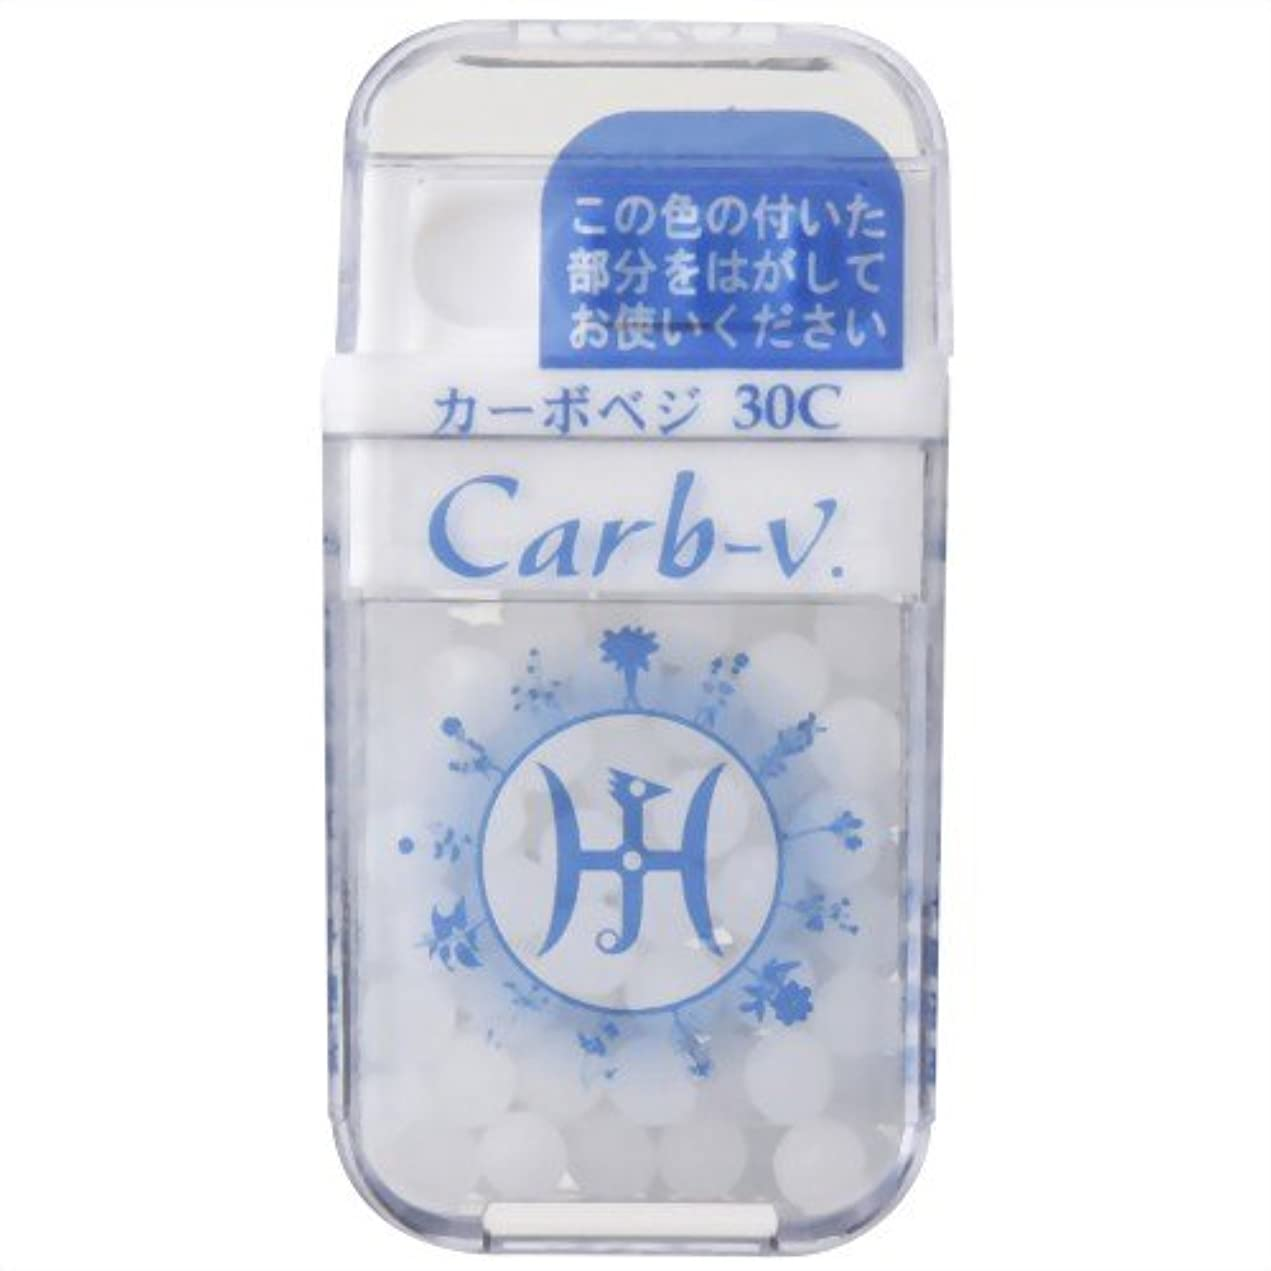 安定しました嘆くあいまいホメオパシージャパンレメディー Carb-v.  カーボベジ 30C (大ビン)